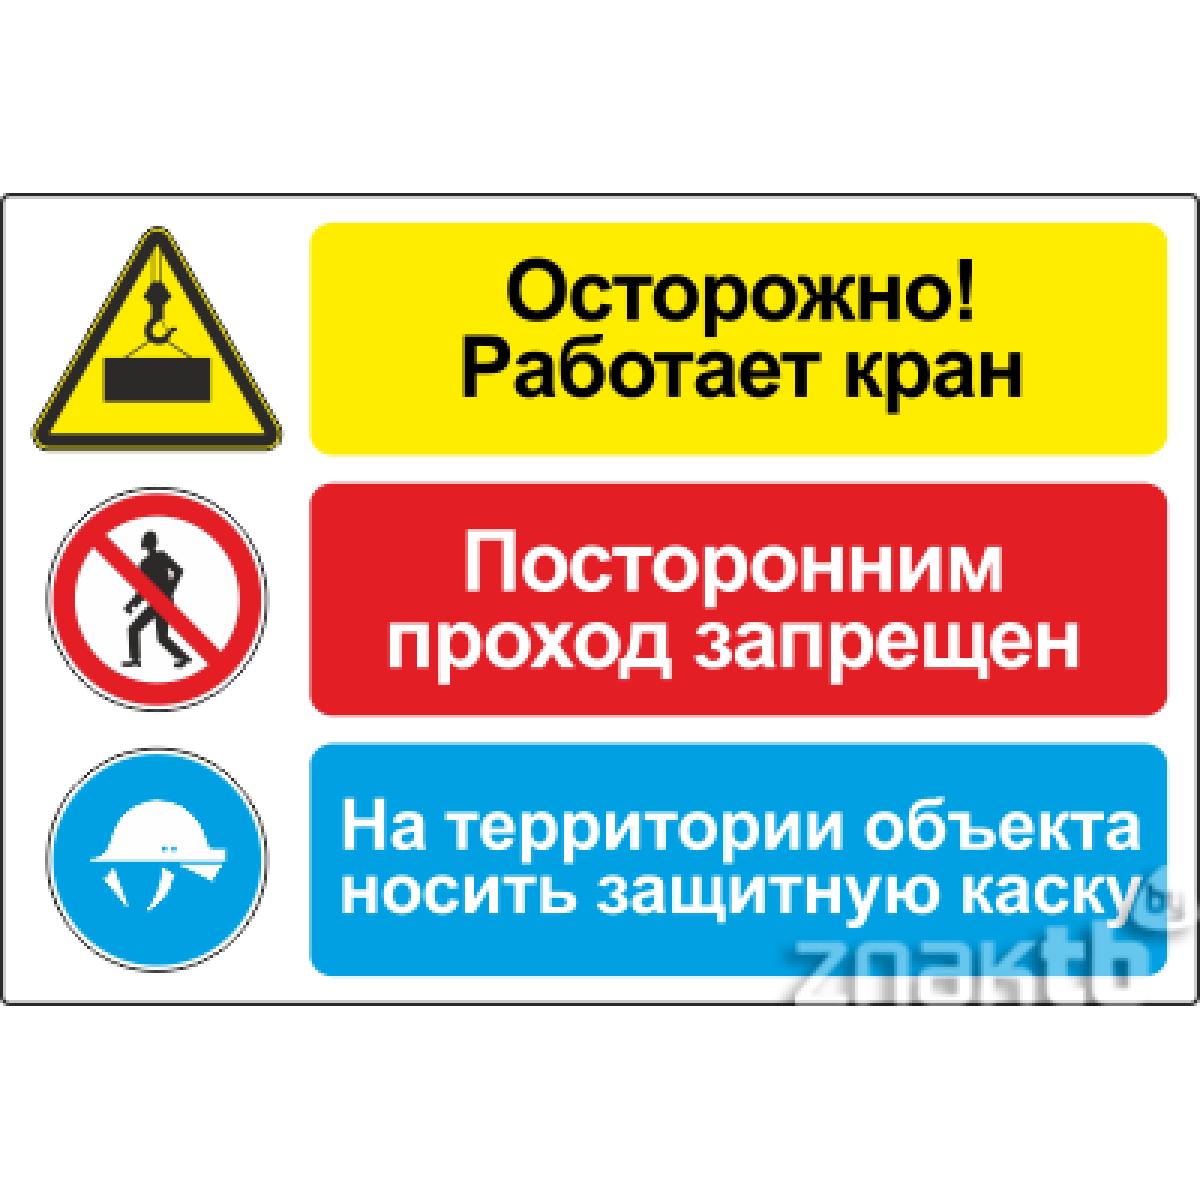 251 Плакат со знаками со знаками Осторожно! Работает кран. Посторонним проход запрещен. На территории объекта носить защитную каску